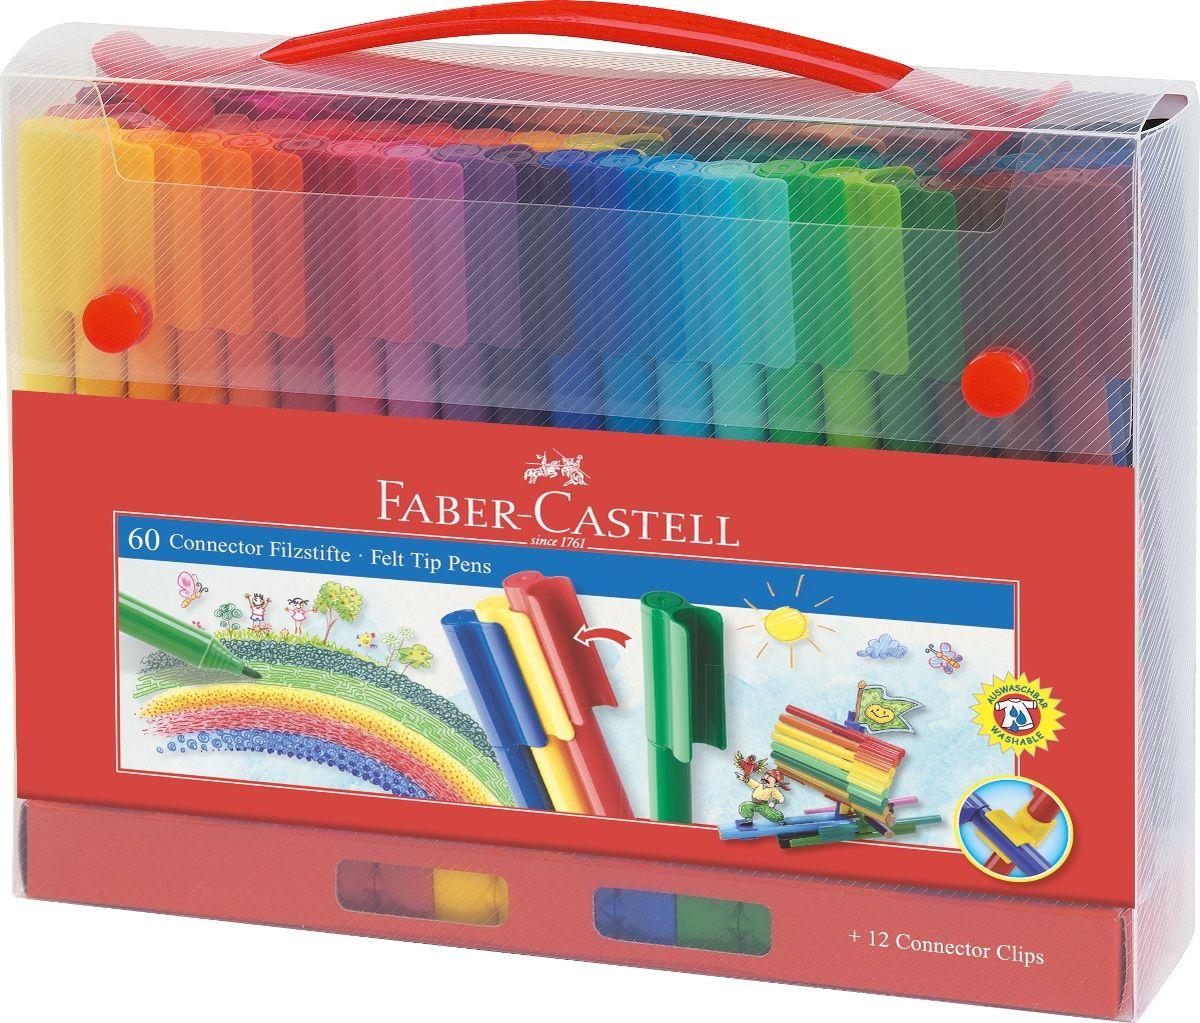 Faber-Castell Набор фломастеров Connector 60 цветов72523WD набор в пластиковом пенале содержит 60фломастеров Connector, 12 клипов для соединения